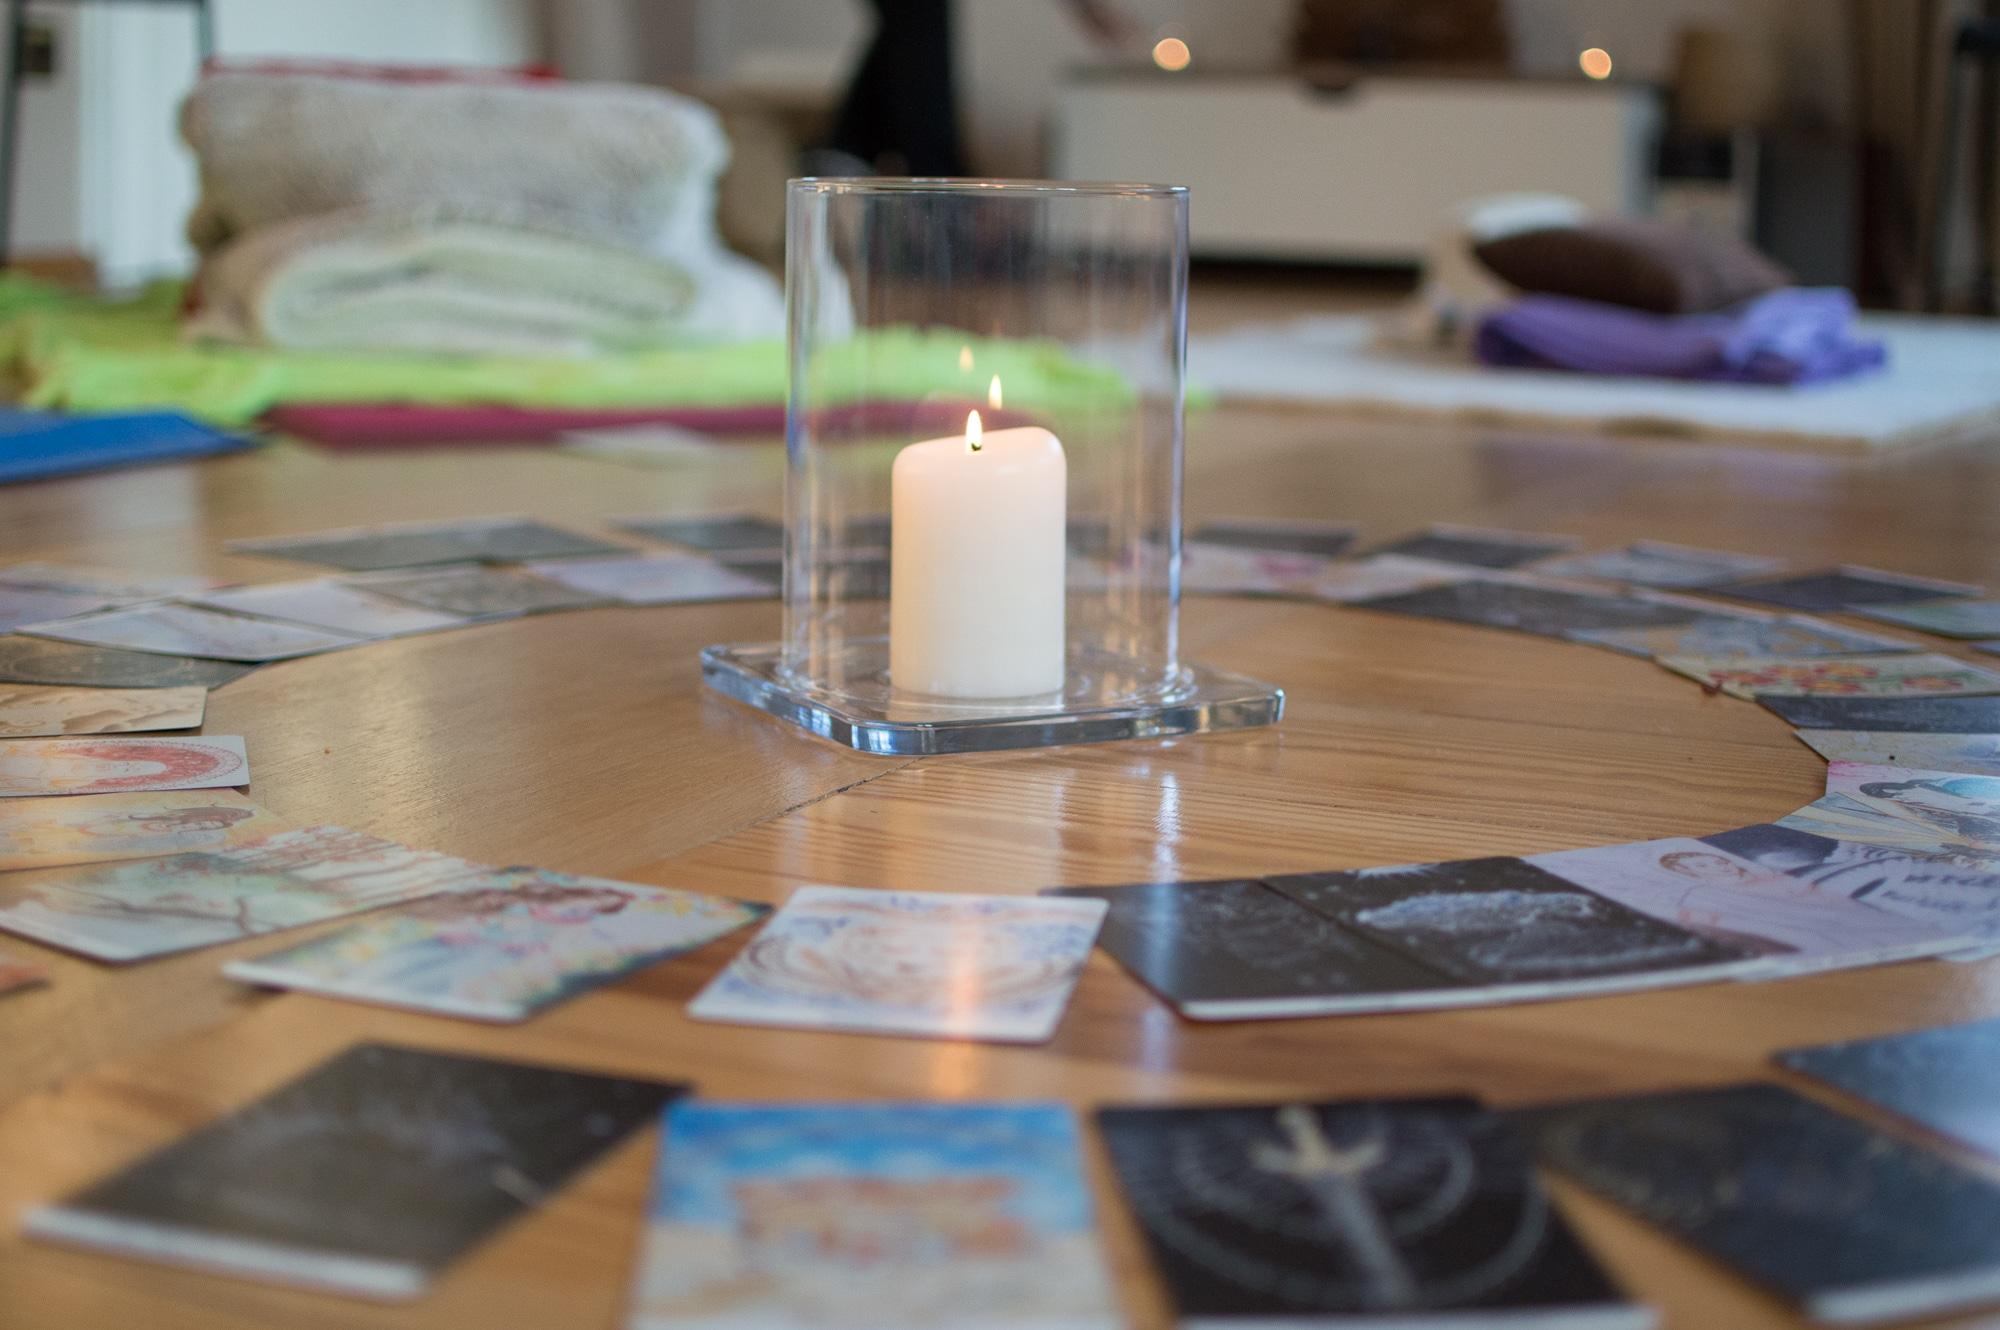 Kerze und Orakelkarten um die Raummitte zu gestalten fuer die Raumenergie